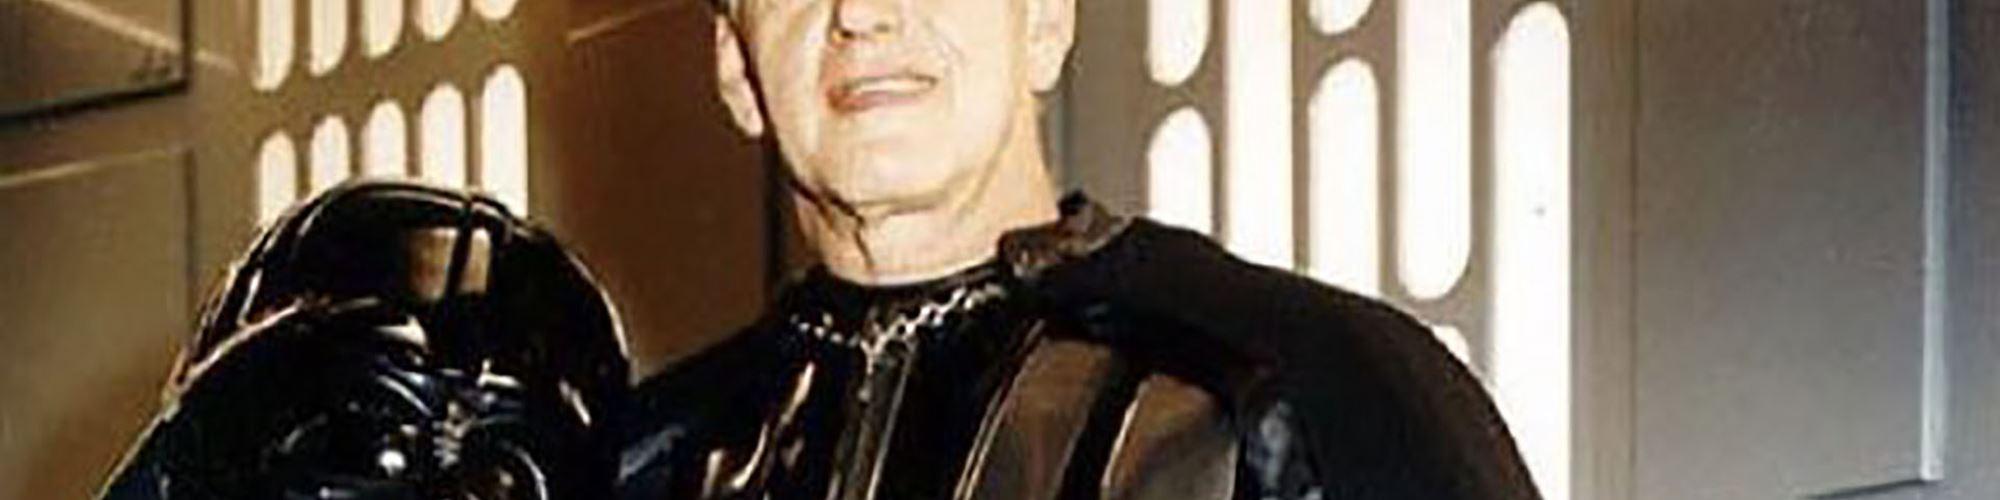 Morreu o ator que deu vida a Darth Vader